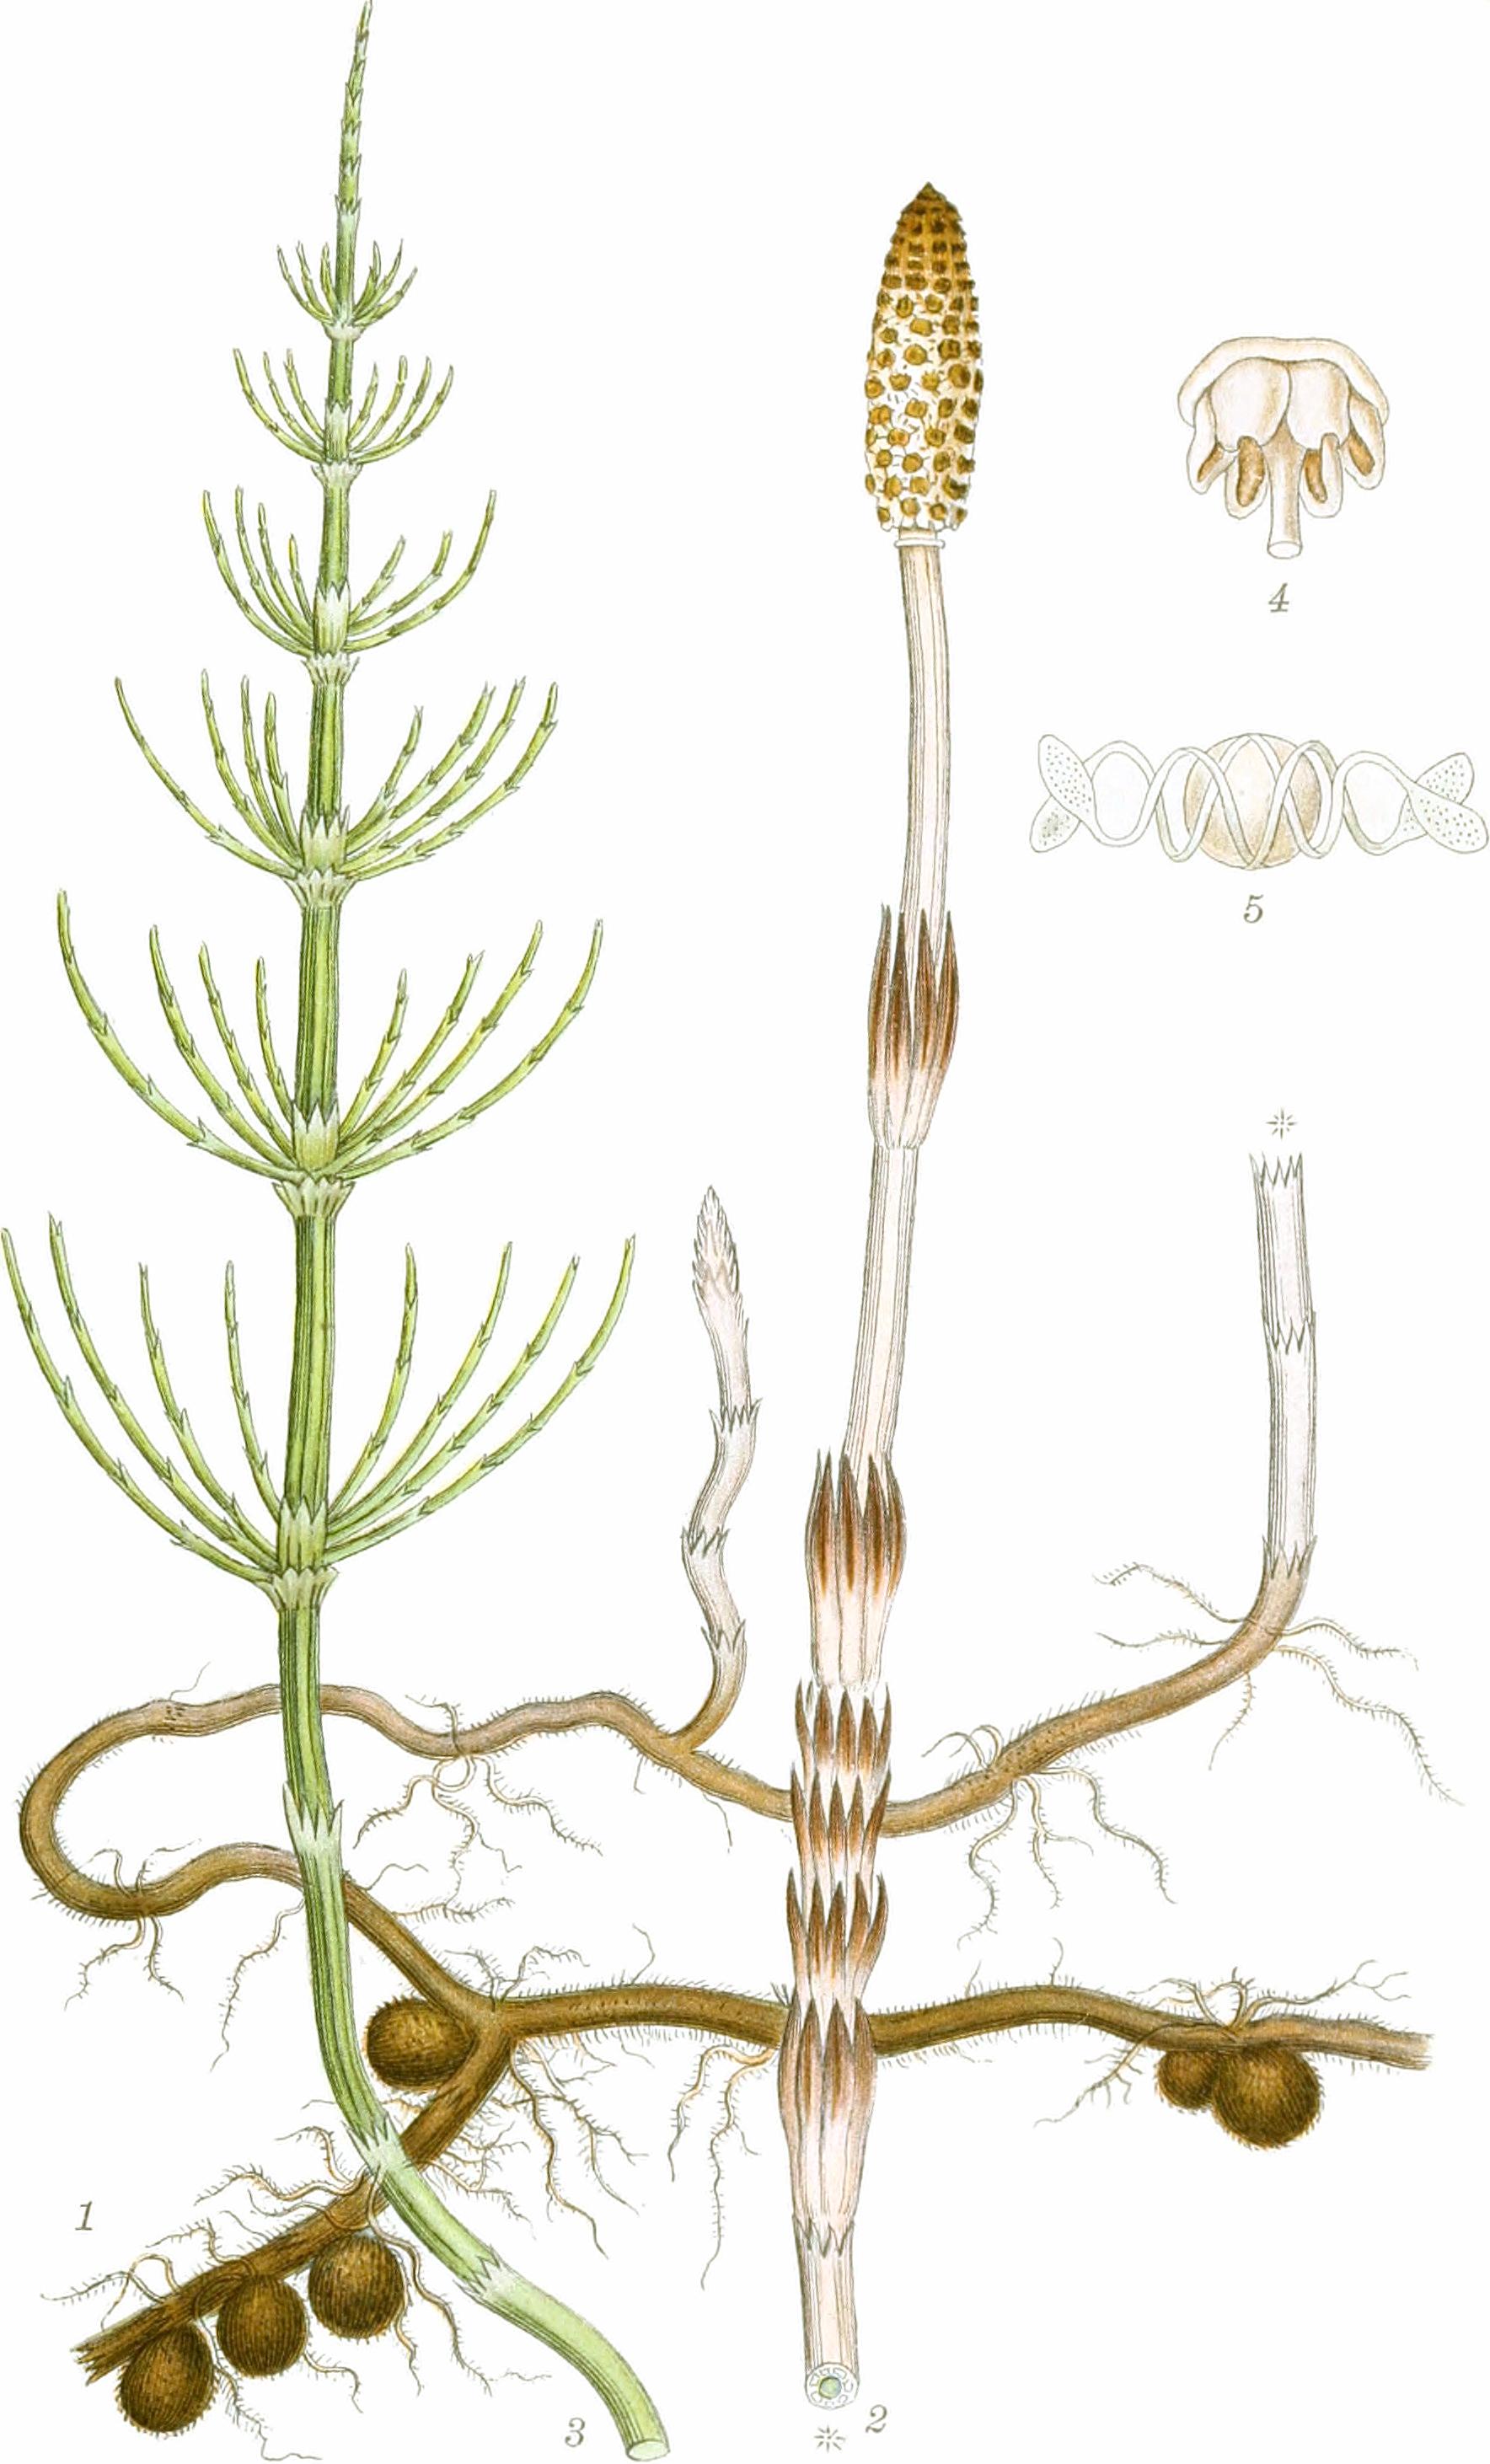 Datei Equisetum Arvense Billeder Af Nordens Flora V2 1917 19750676683 Clean Jpg Wikipedia